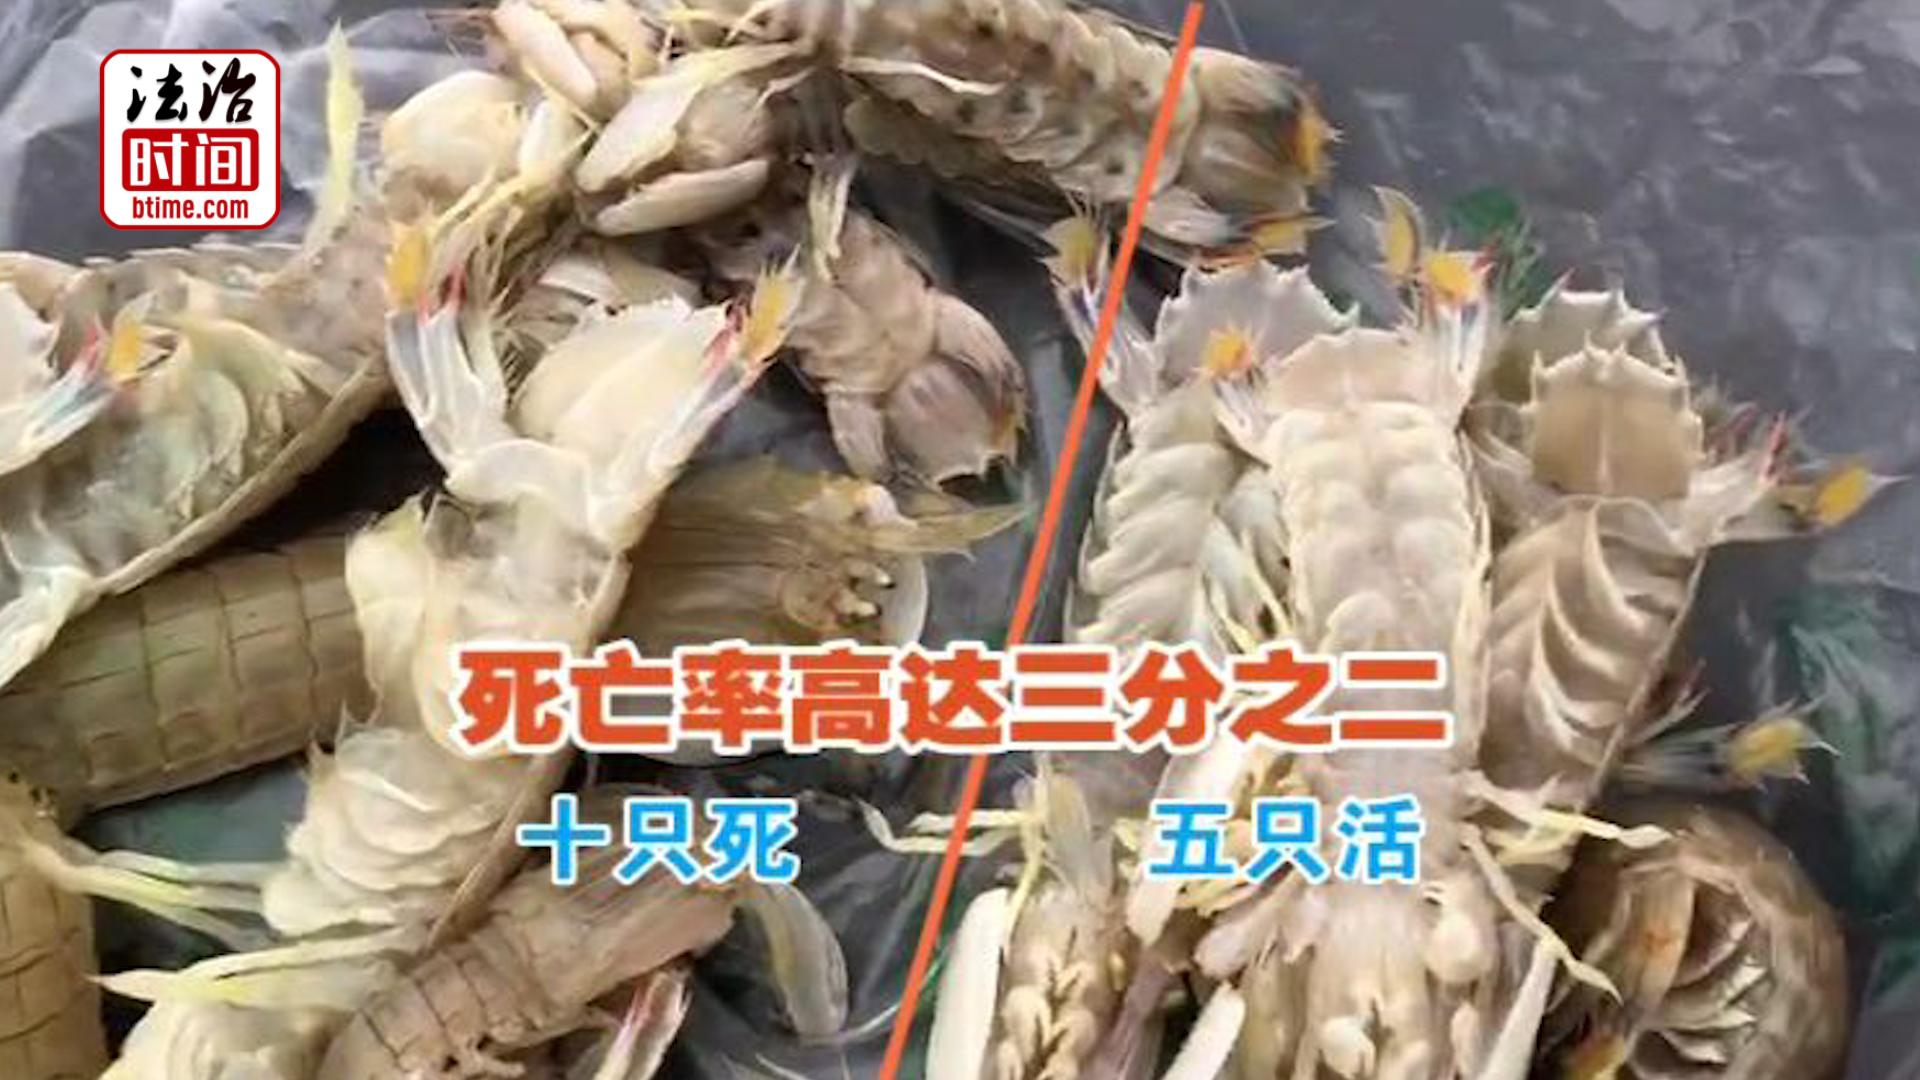 """公平秤""""休息""""!节前记者暗访海鲜市场 实拍商户""""掺水增重""""全过程"""